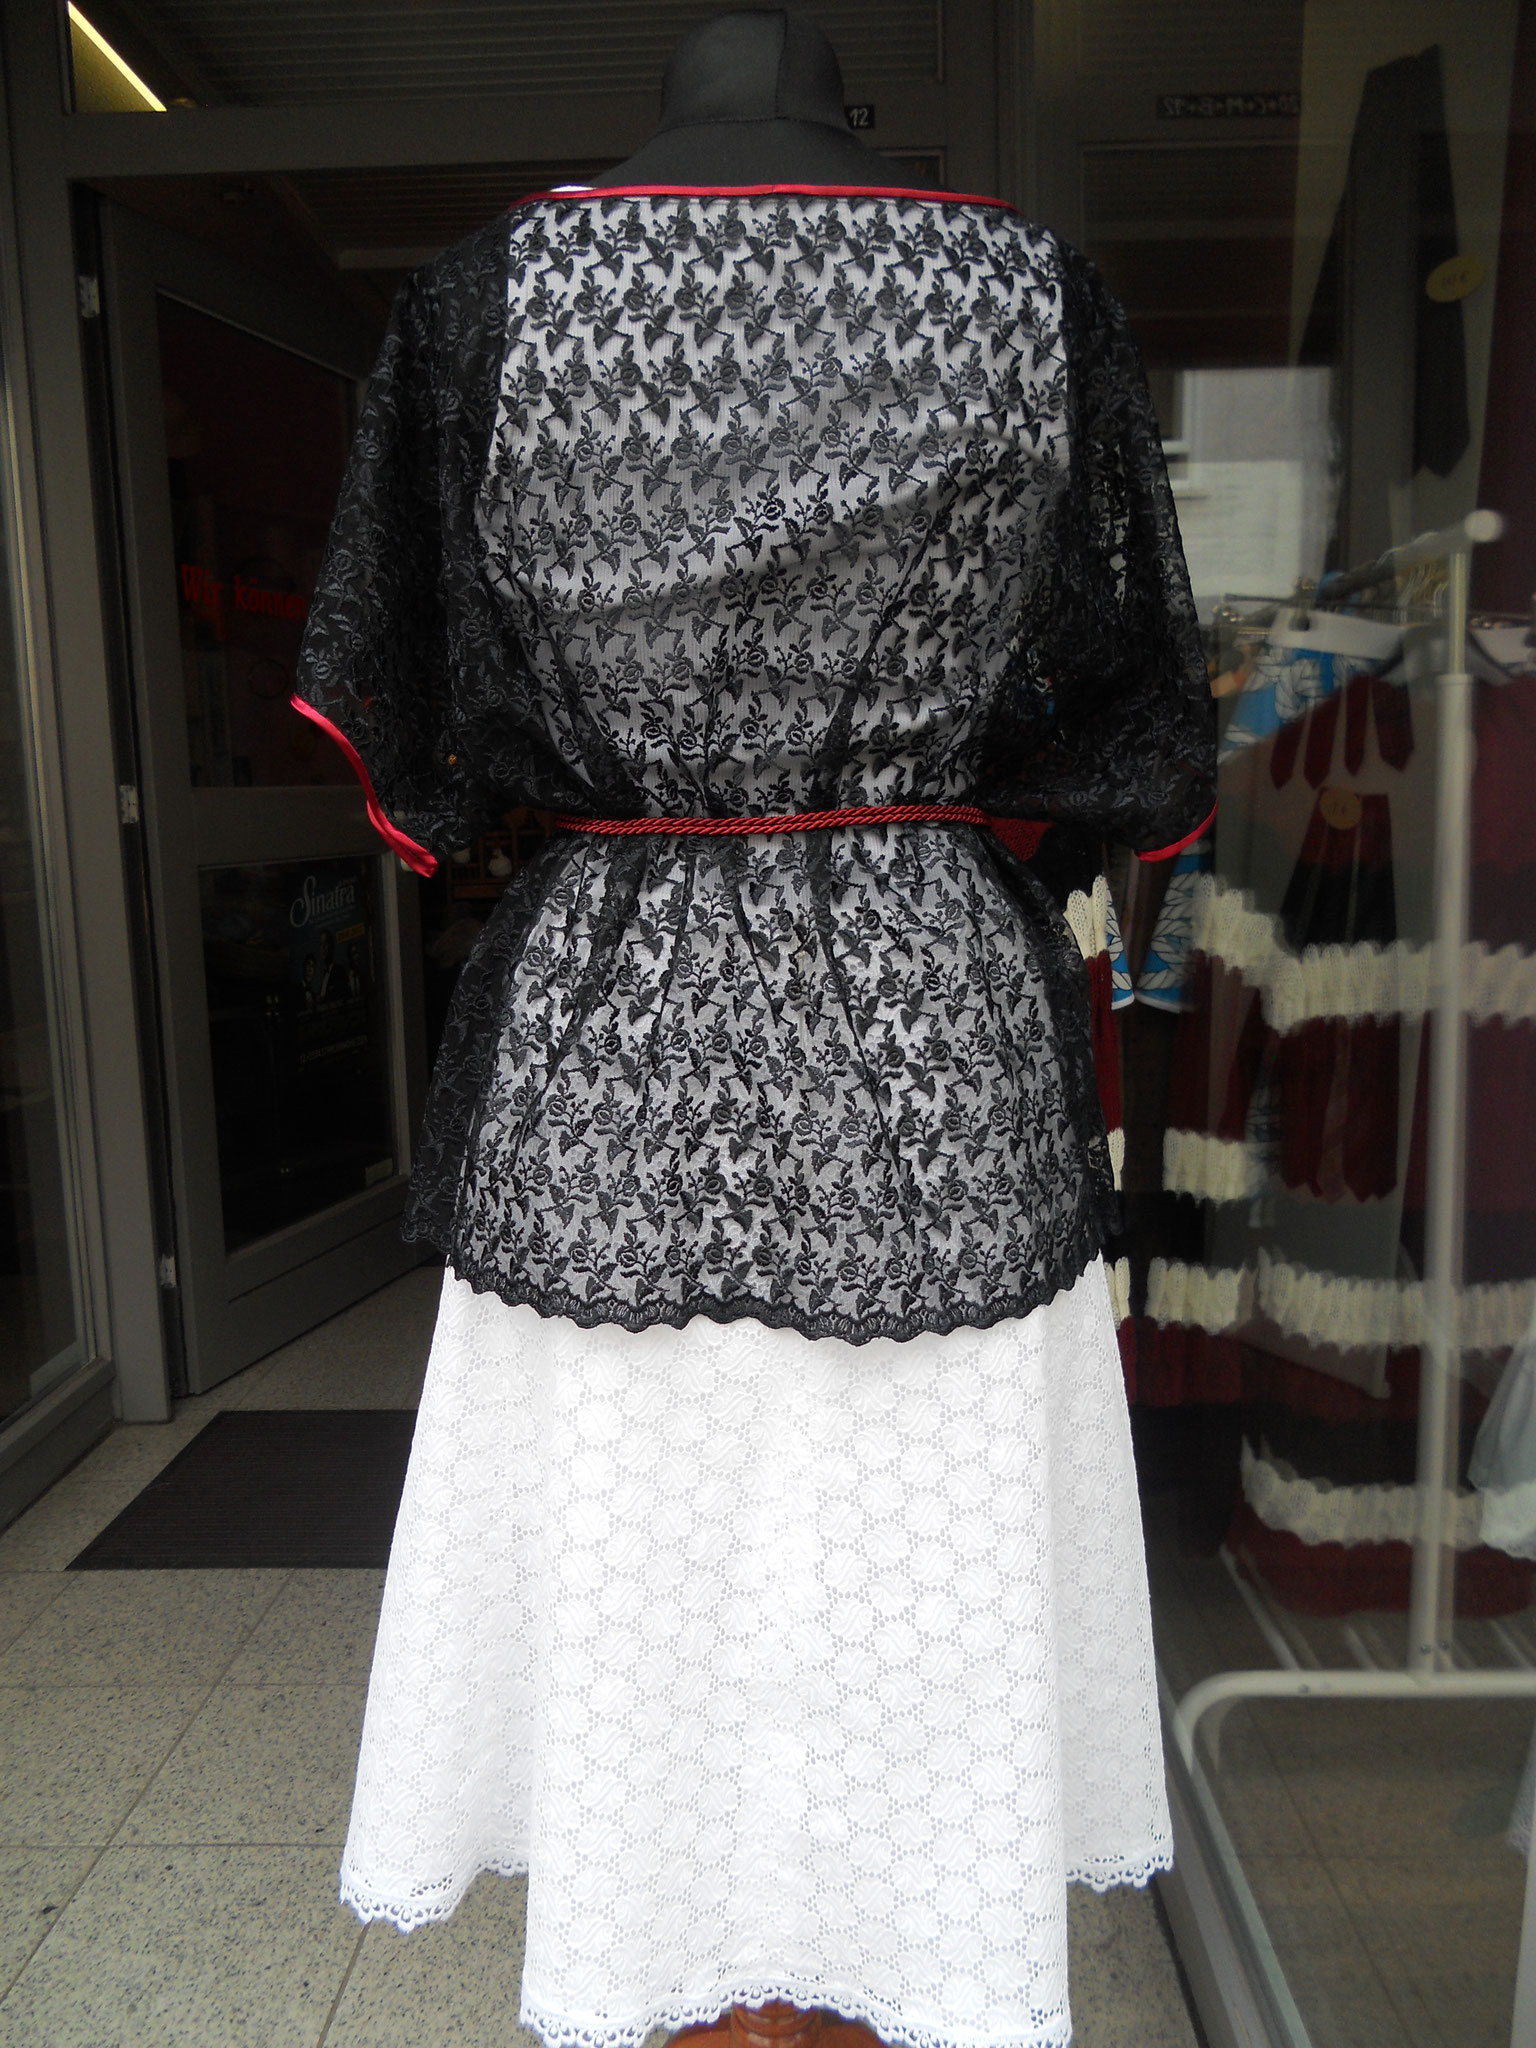 Bluse mit angeschnittenen Ärmeln, Gr. 40 bis 44, Synthetik/ Viskose-Spitze, 30€